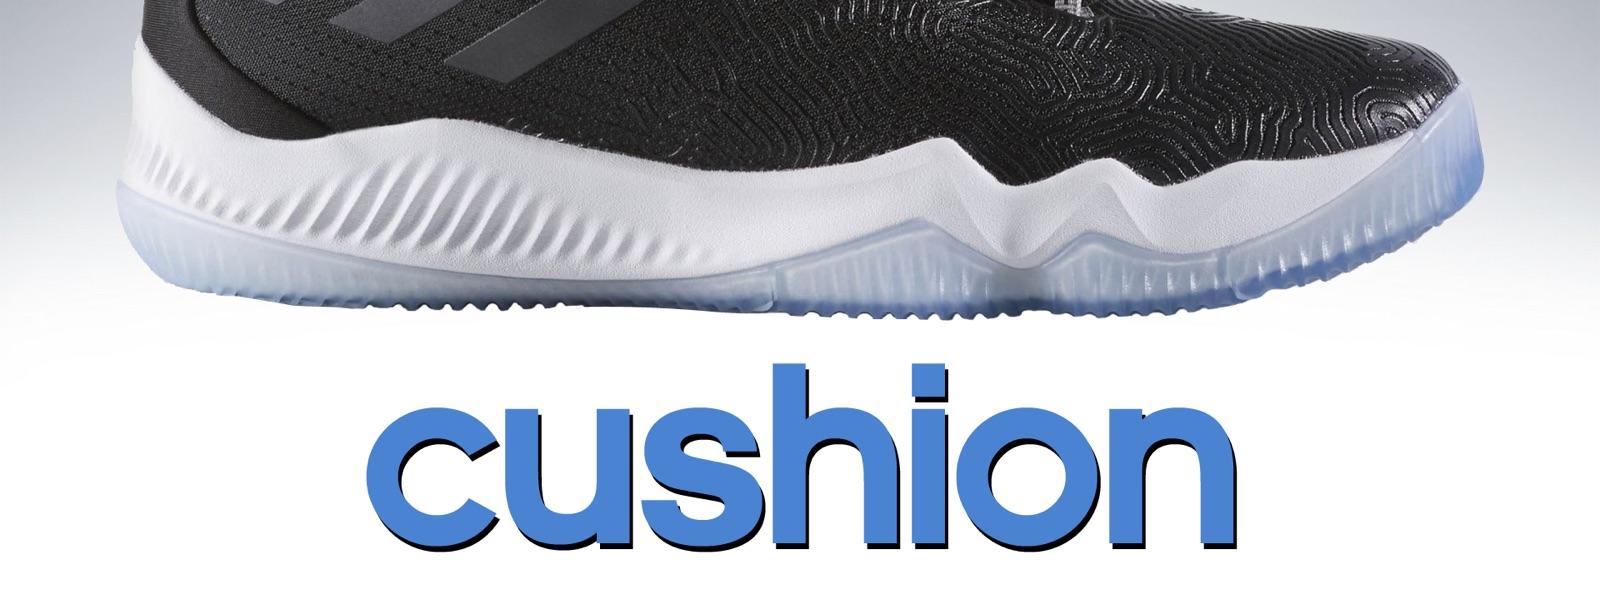 adidas crazy hustle cushion